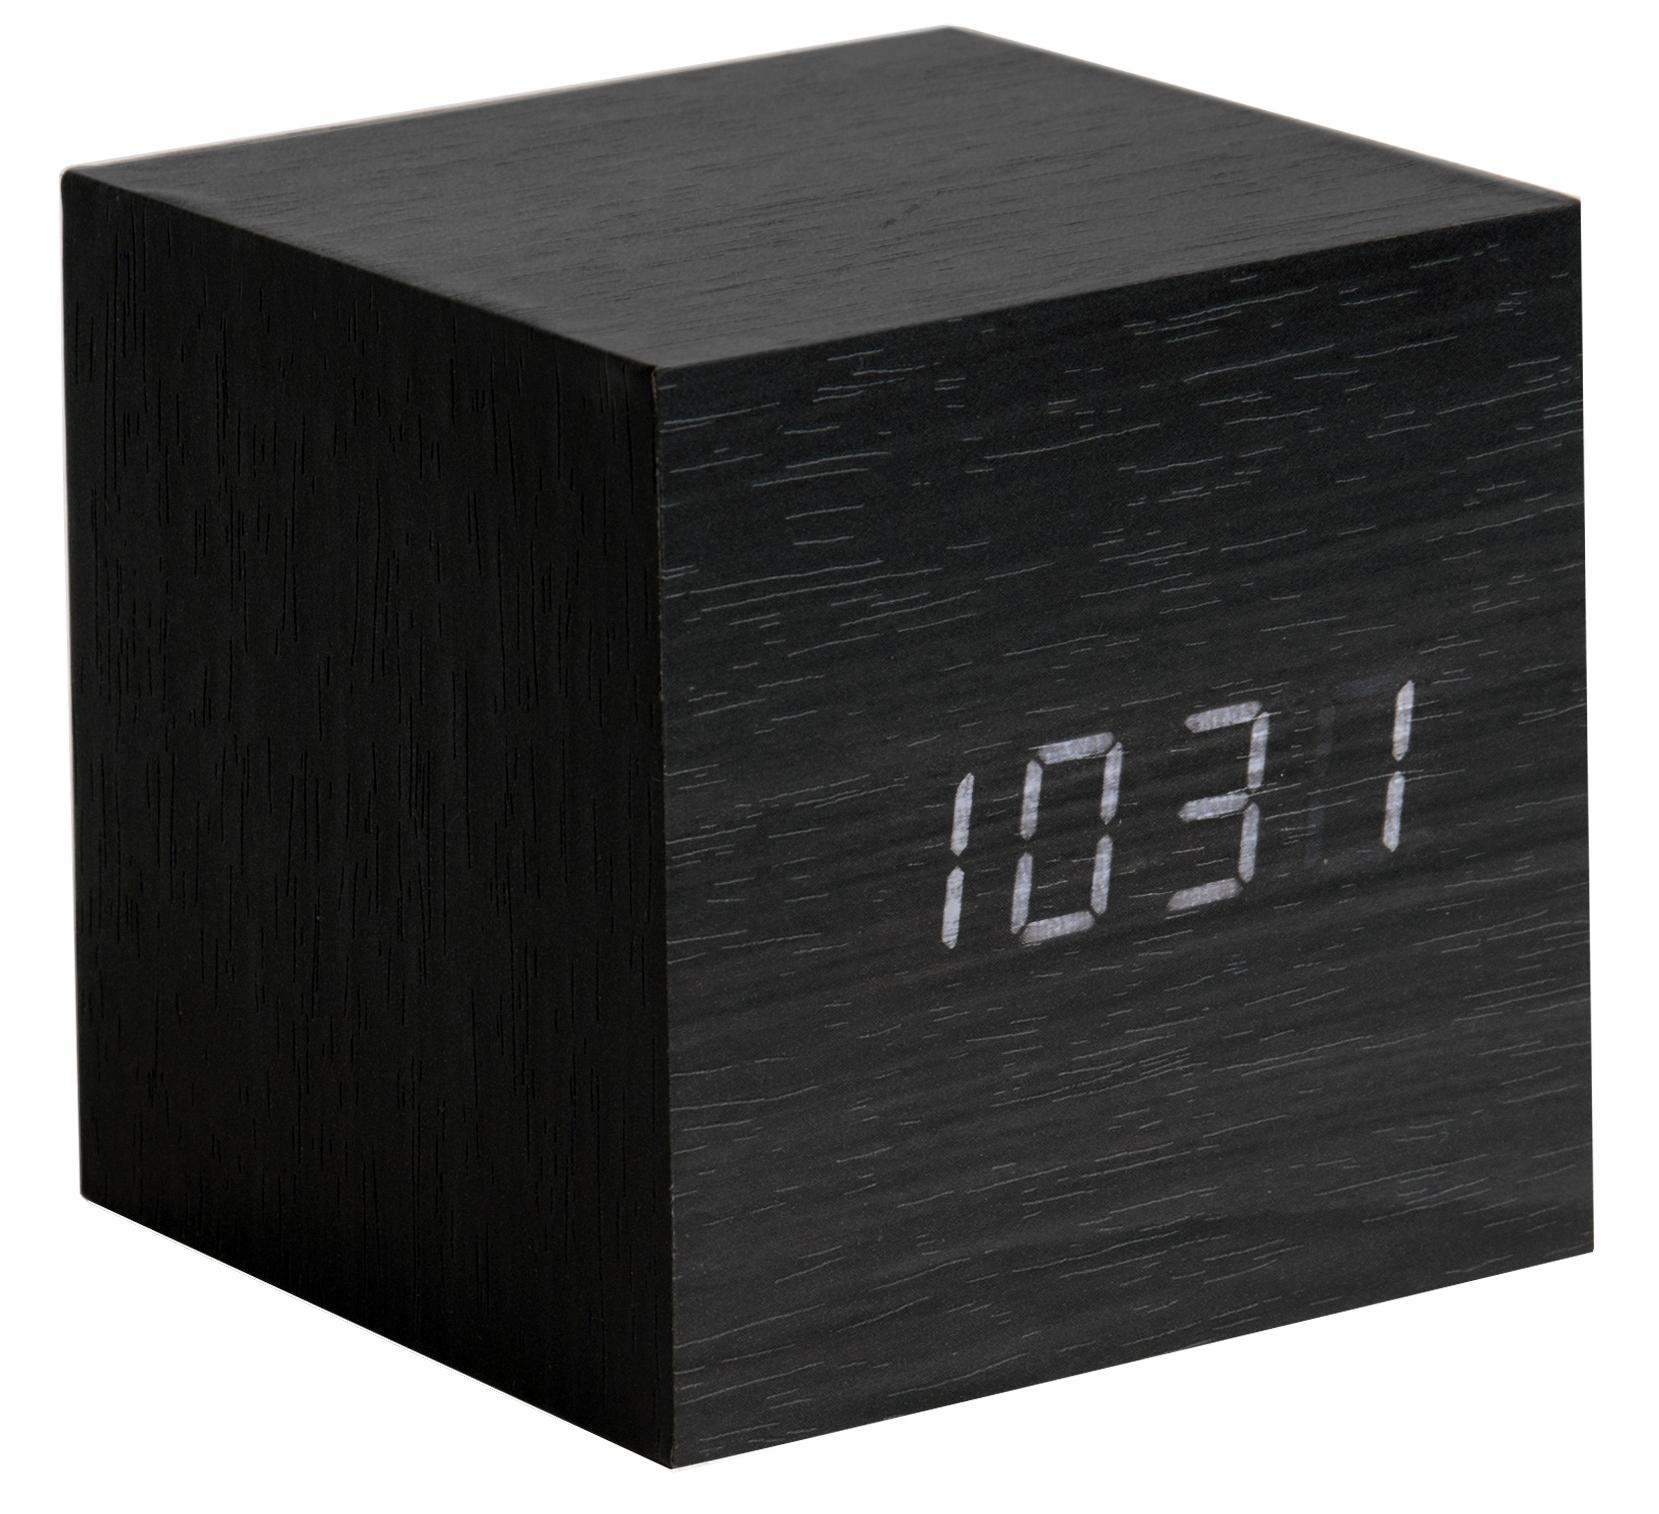 karlsson wecker tischuhr led cube ka5655bk g nstig auf kaufen wanduhren tischuhren. Black Bedroom Furniture Sets. Home Design Ideas